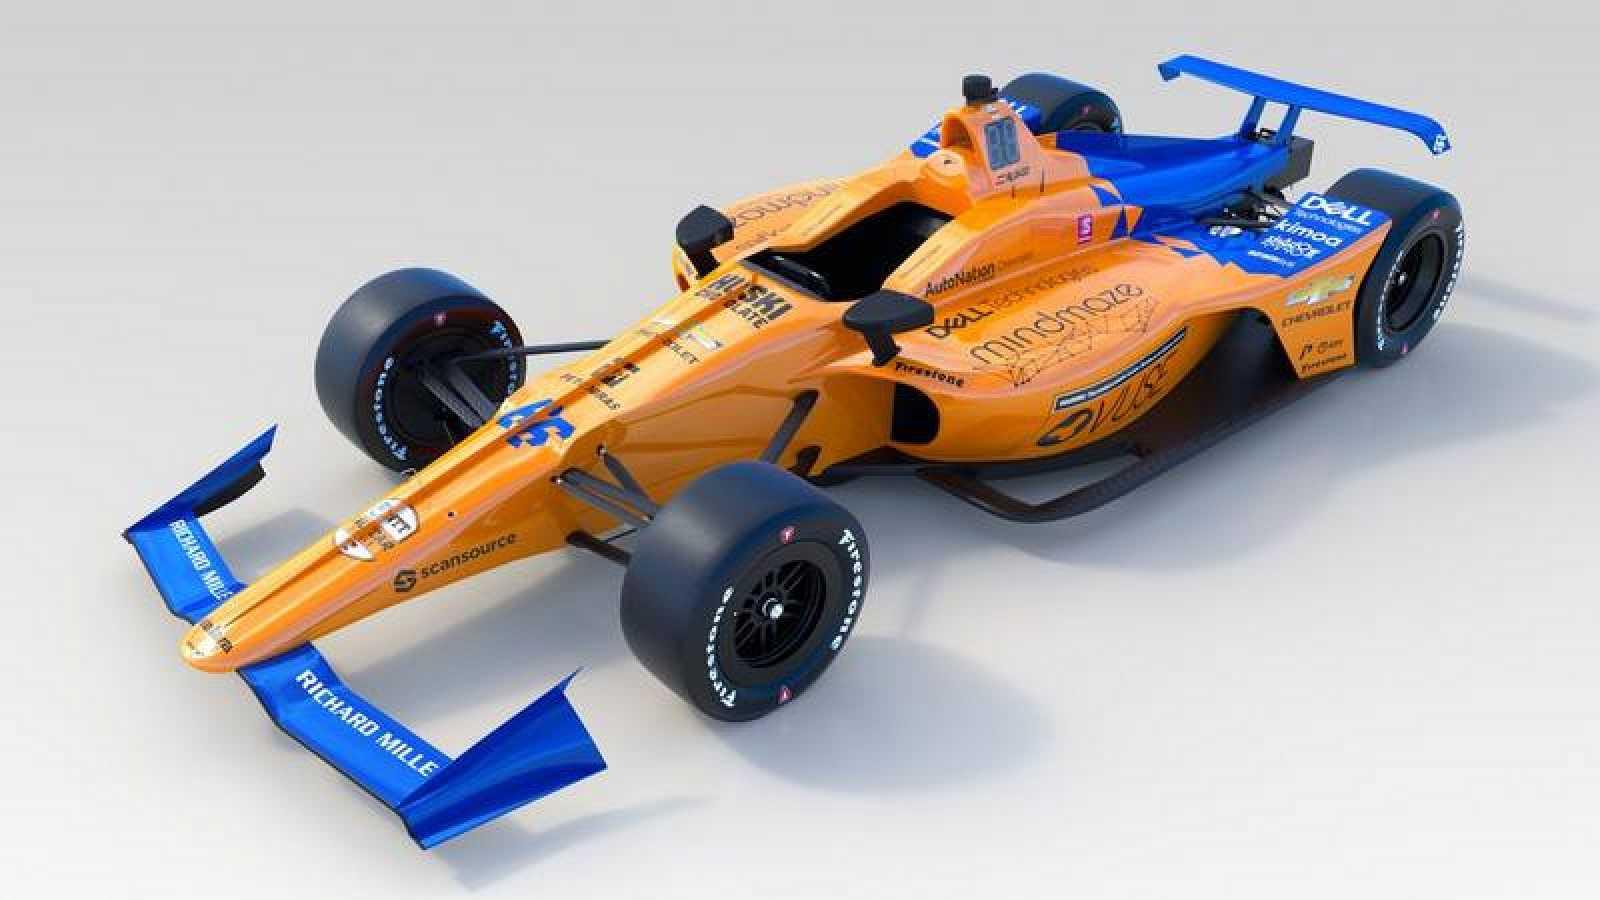 Imagen del McLaren66 con el que Fernando Alonso tratará de ganar las 500 Millas de Indianápolis.